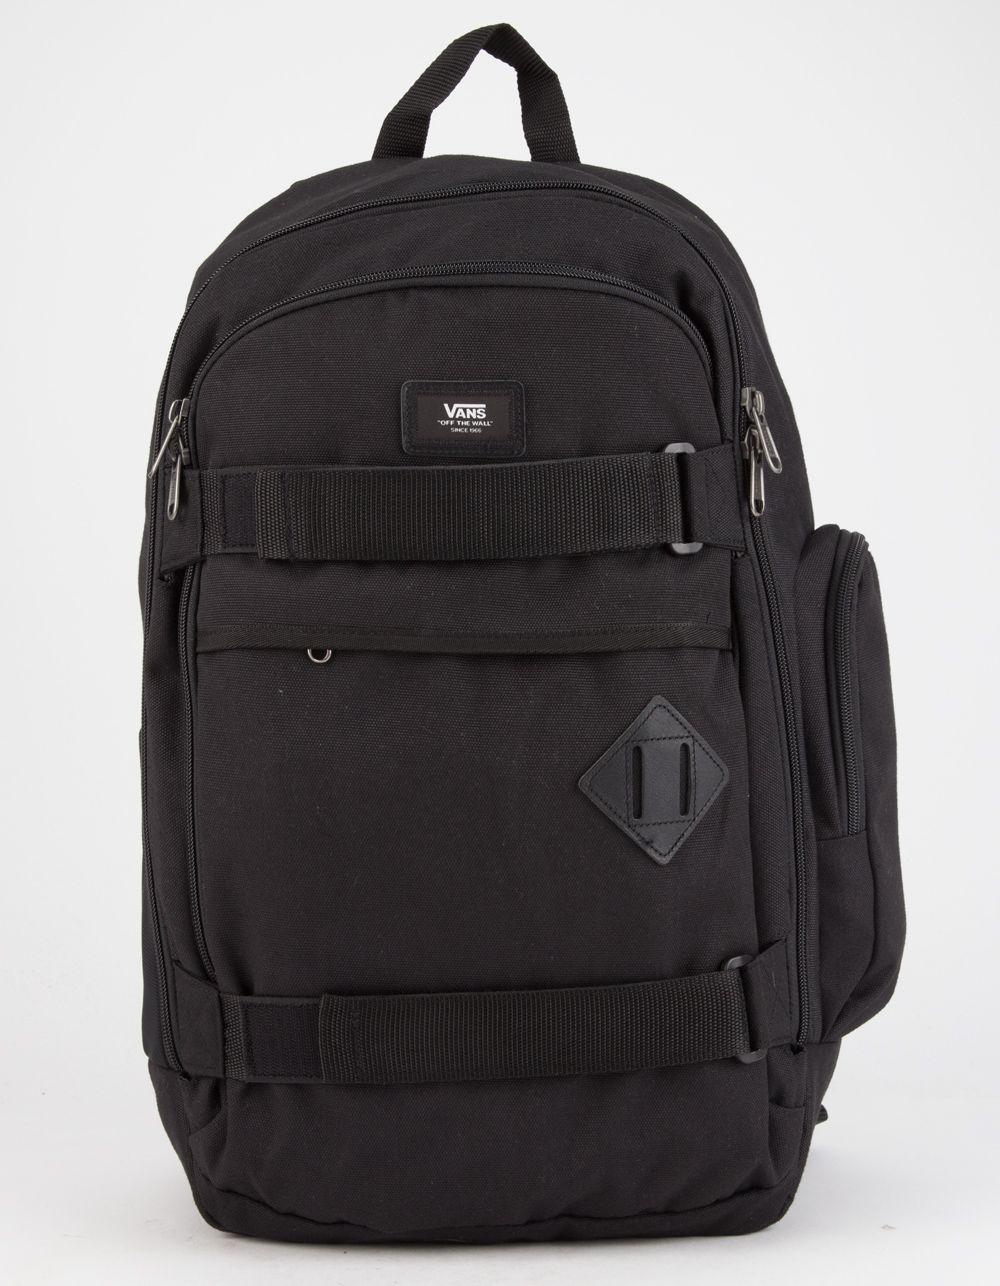 f1ccaa61f13 VANS Transient III Skate Backpack | backpacks in 2019 | Skate ...